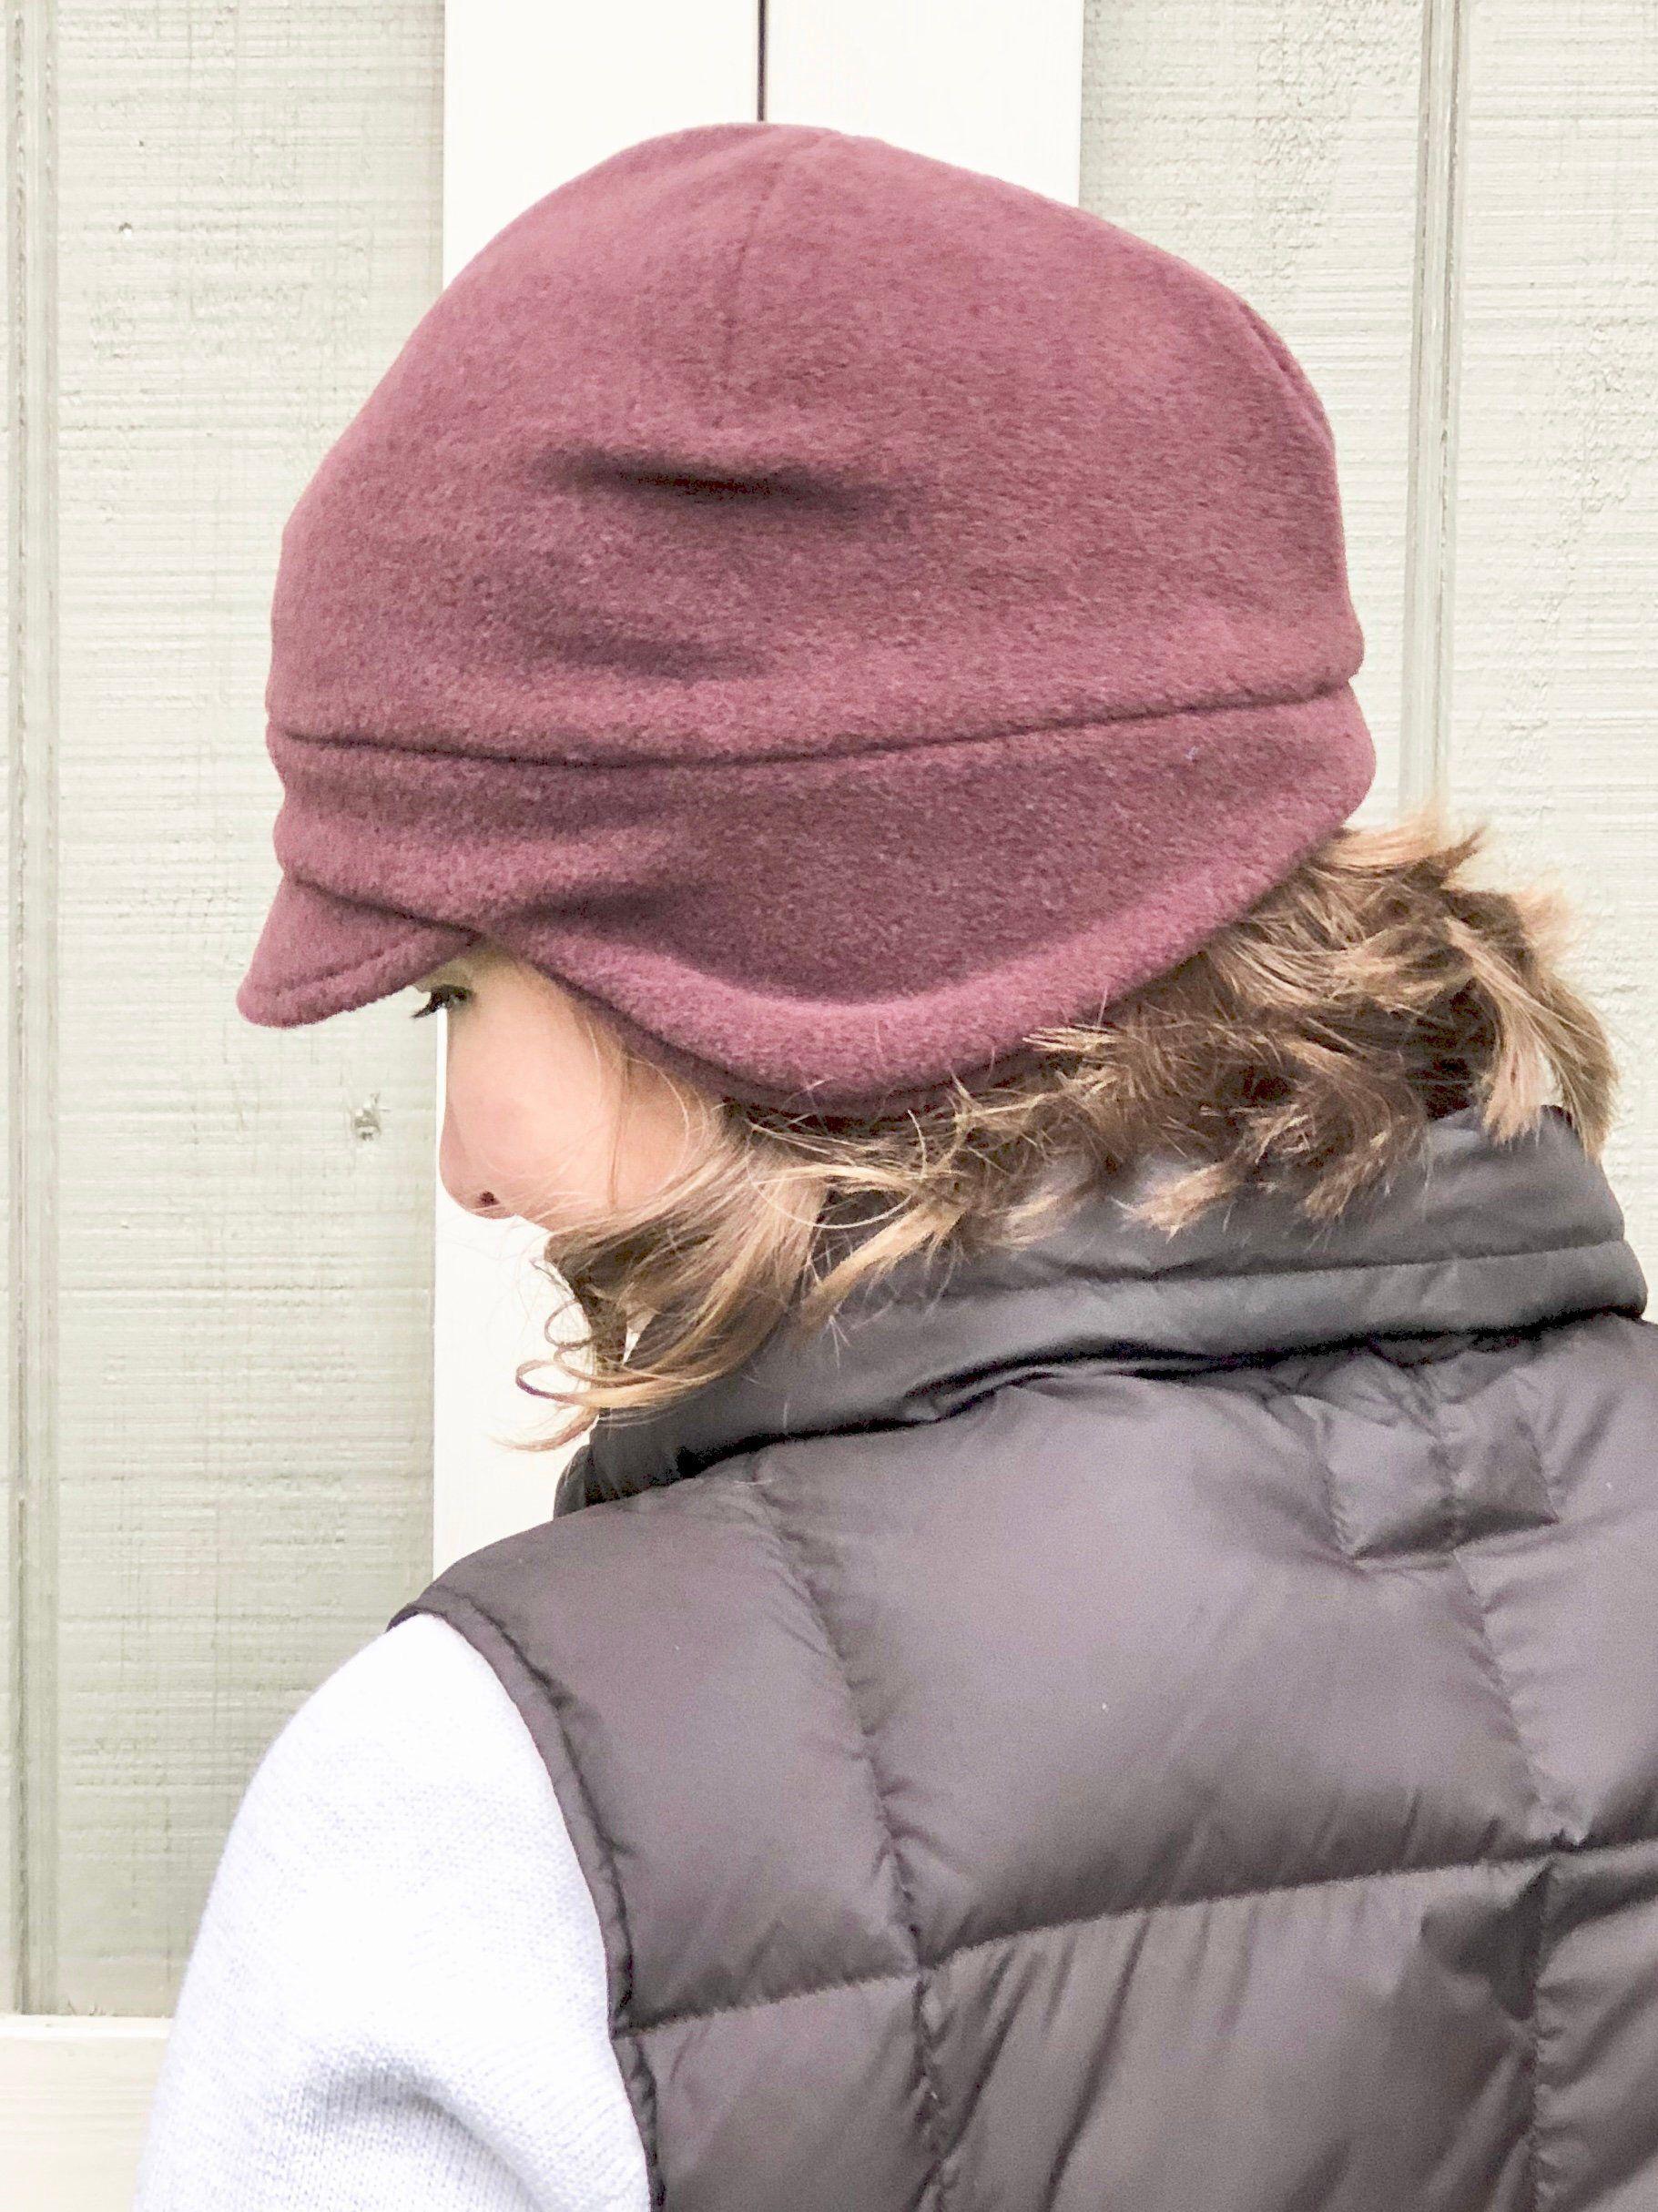 15b13ea2 Winter Fleece Hat, Earflap Beanie, Women's Earflap Hat, Adult Winter Hats,  Earflap Adult Beanie, Earmuff Fleece Hats, Adult Fleece Hat